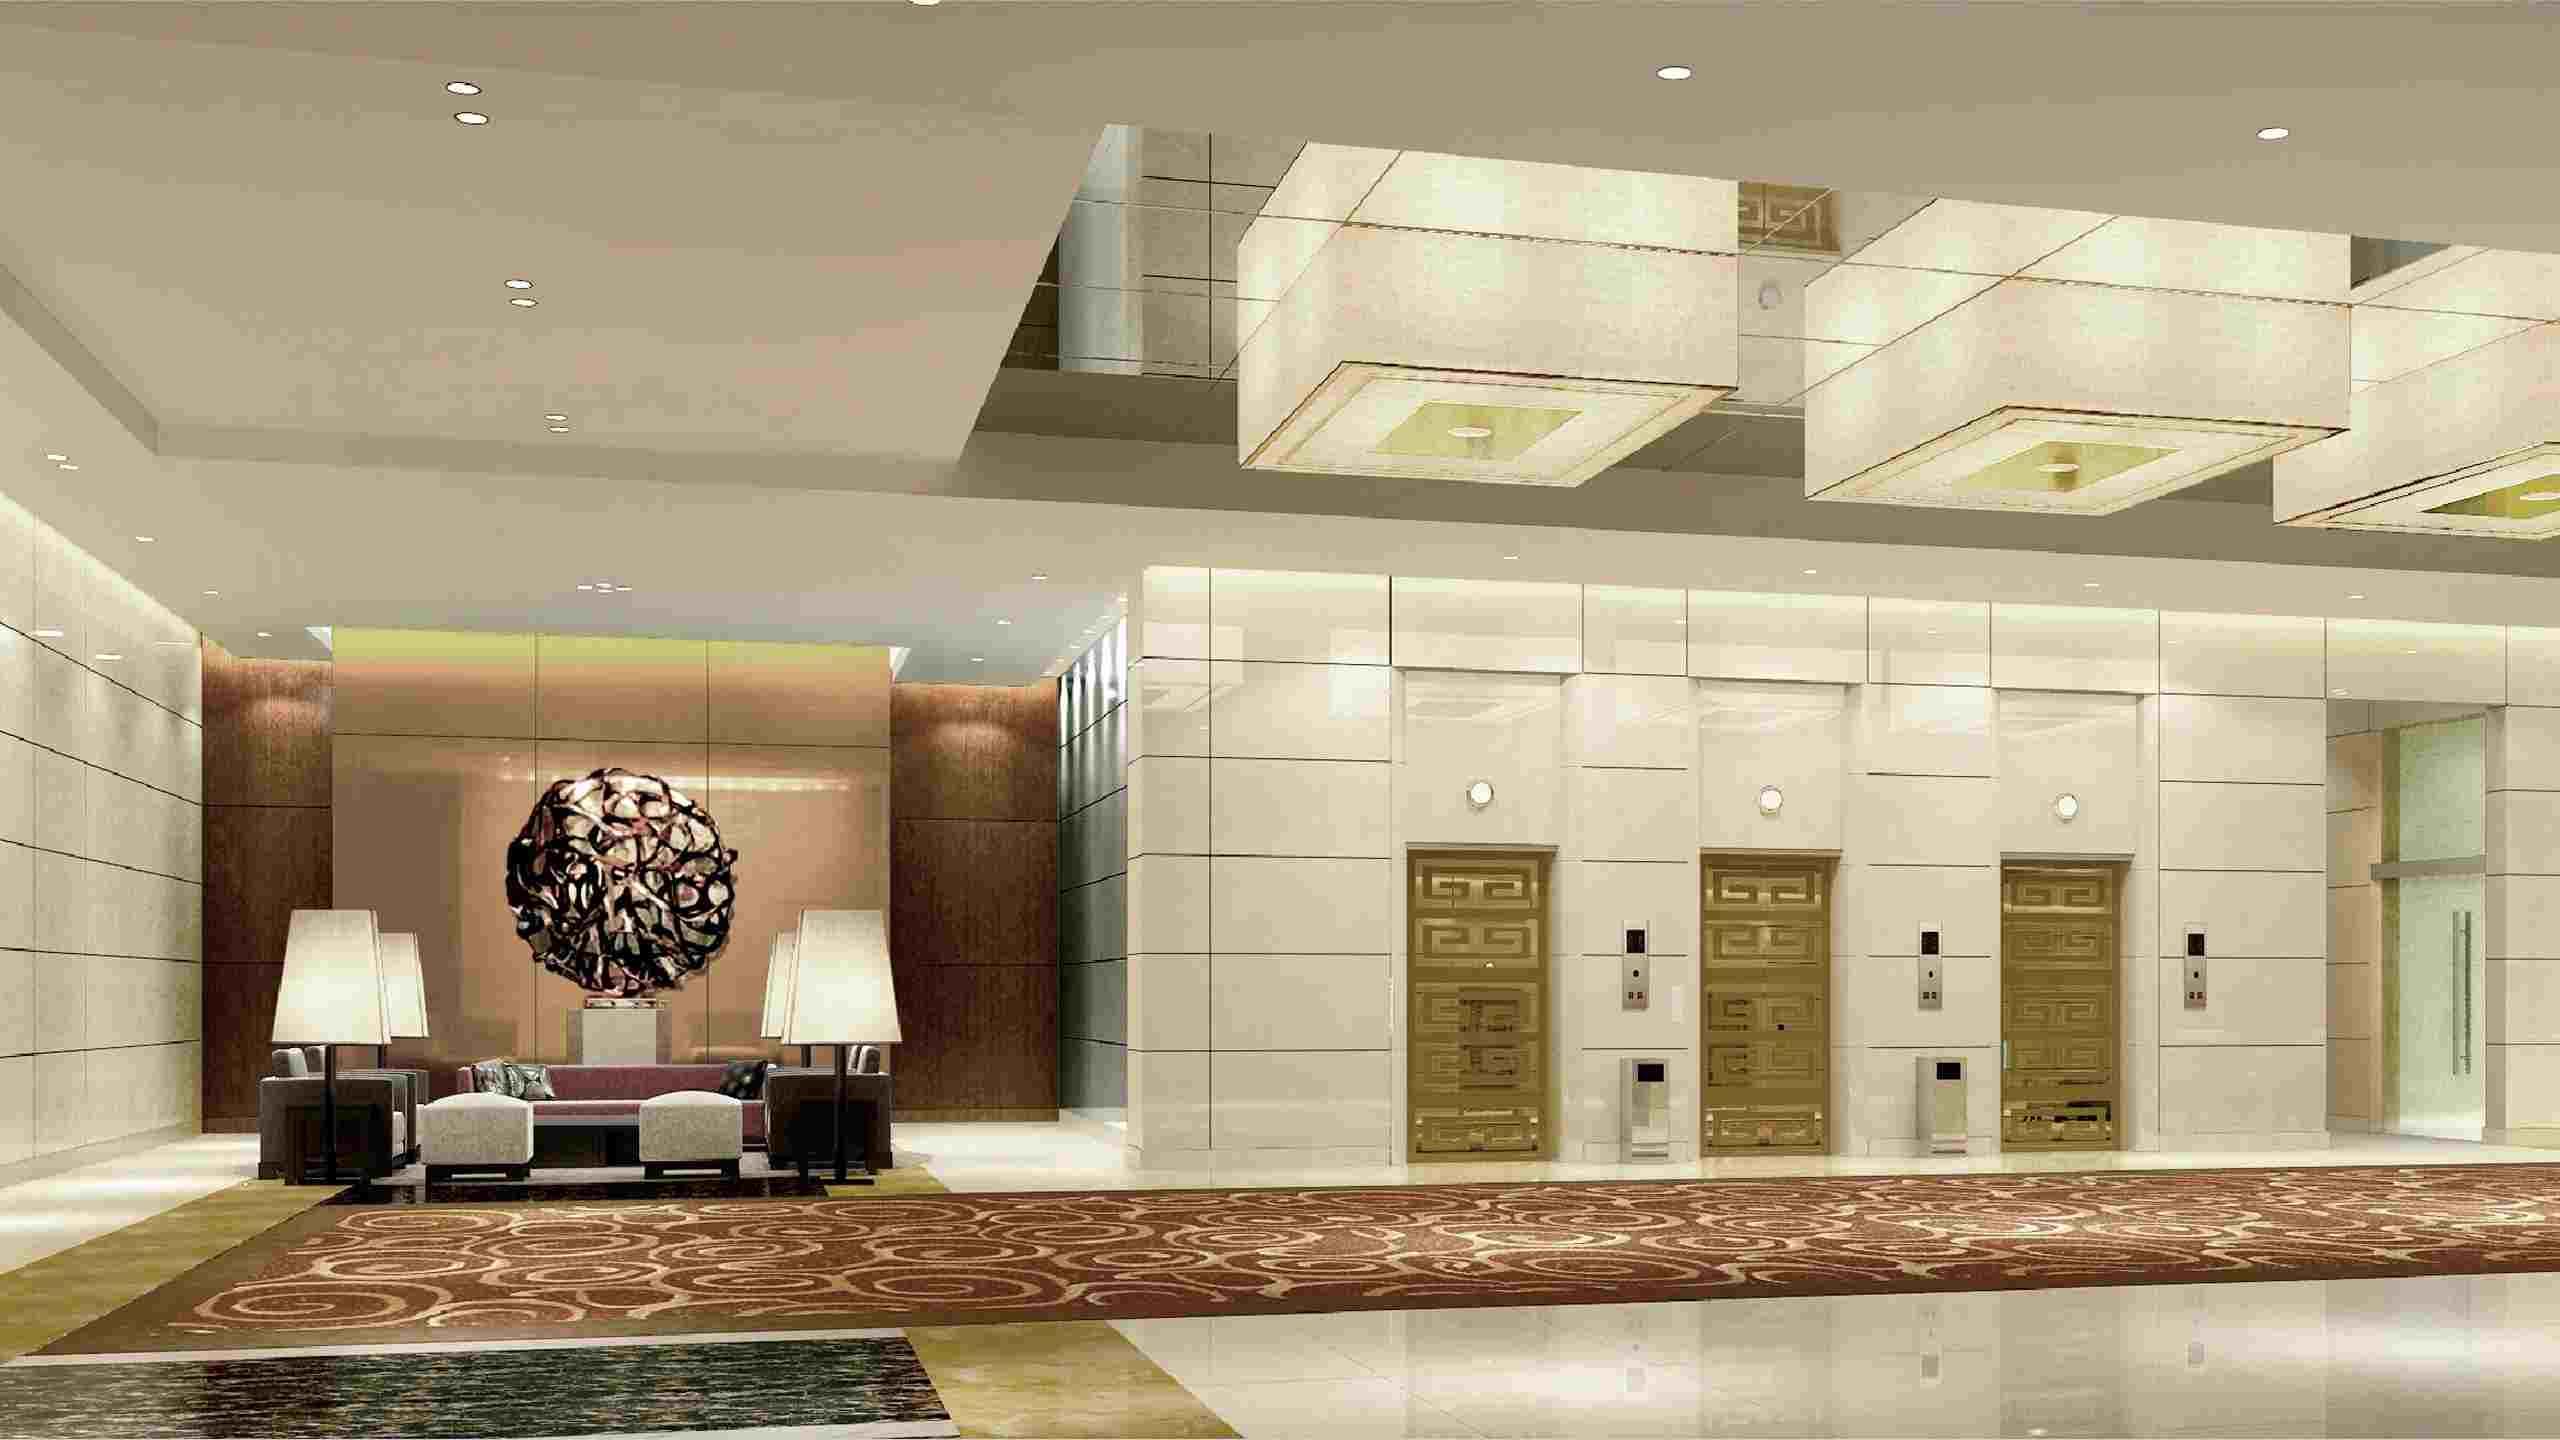 大堂的包装着重考虑两个方面:一是充分利用空间,展示酒店整体风格,让酒店的设计理念在大堂即得到深刻诠释; 二要动静相宜,满足各种人群的欣赏需要。室内设计方面要做到能够使客人很方便的看到总服务台和电梯厅,使进入大堂的客人感受到如家般的舒适感和安全感。